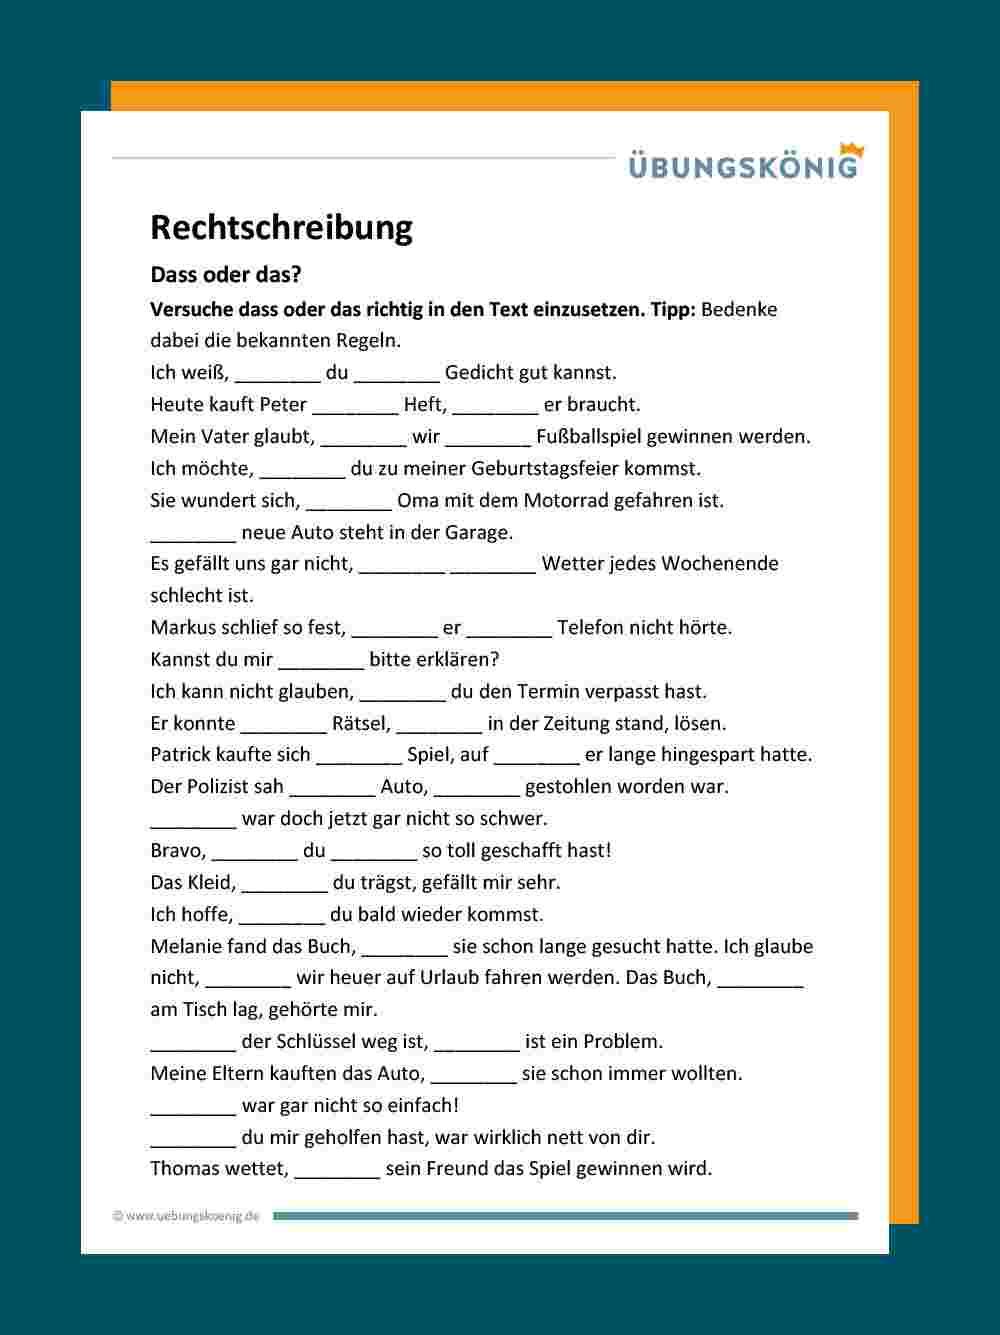 Das / Dass mit Deutsch Übungen Klasse 2 Zum Ausdrucken